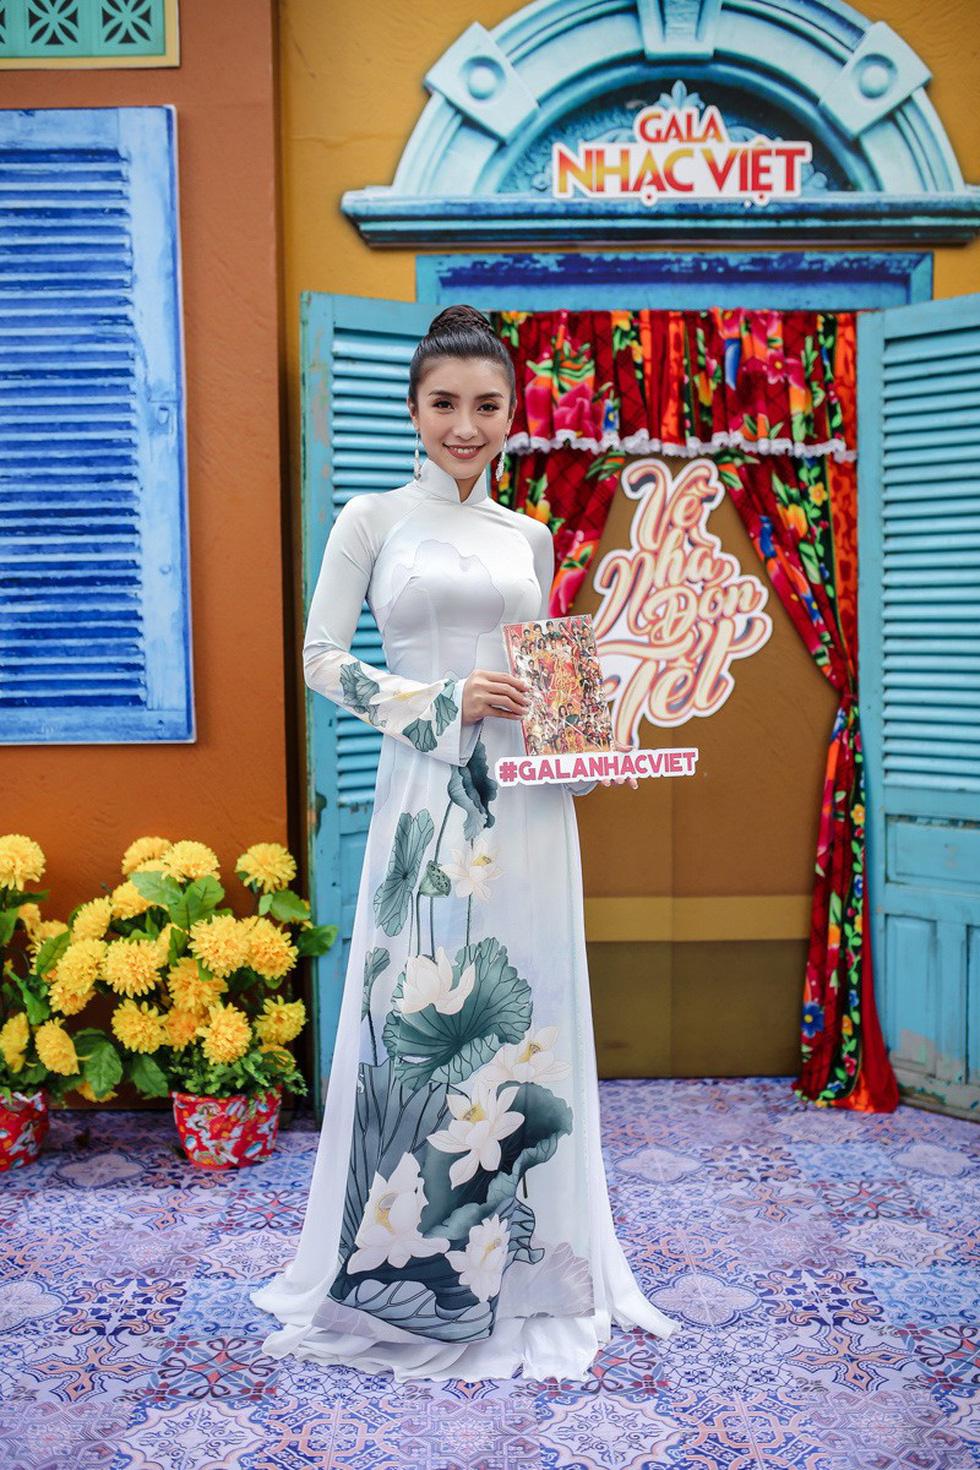 Mùa hoa trở lại mở màn Gala nhạc Việt Về nhà đón Tết - Ảnh 6.